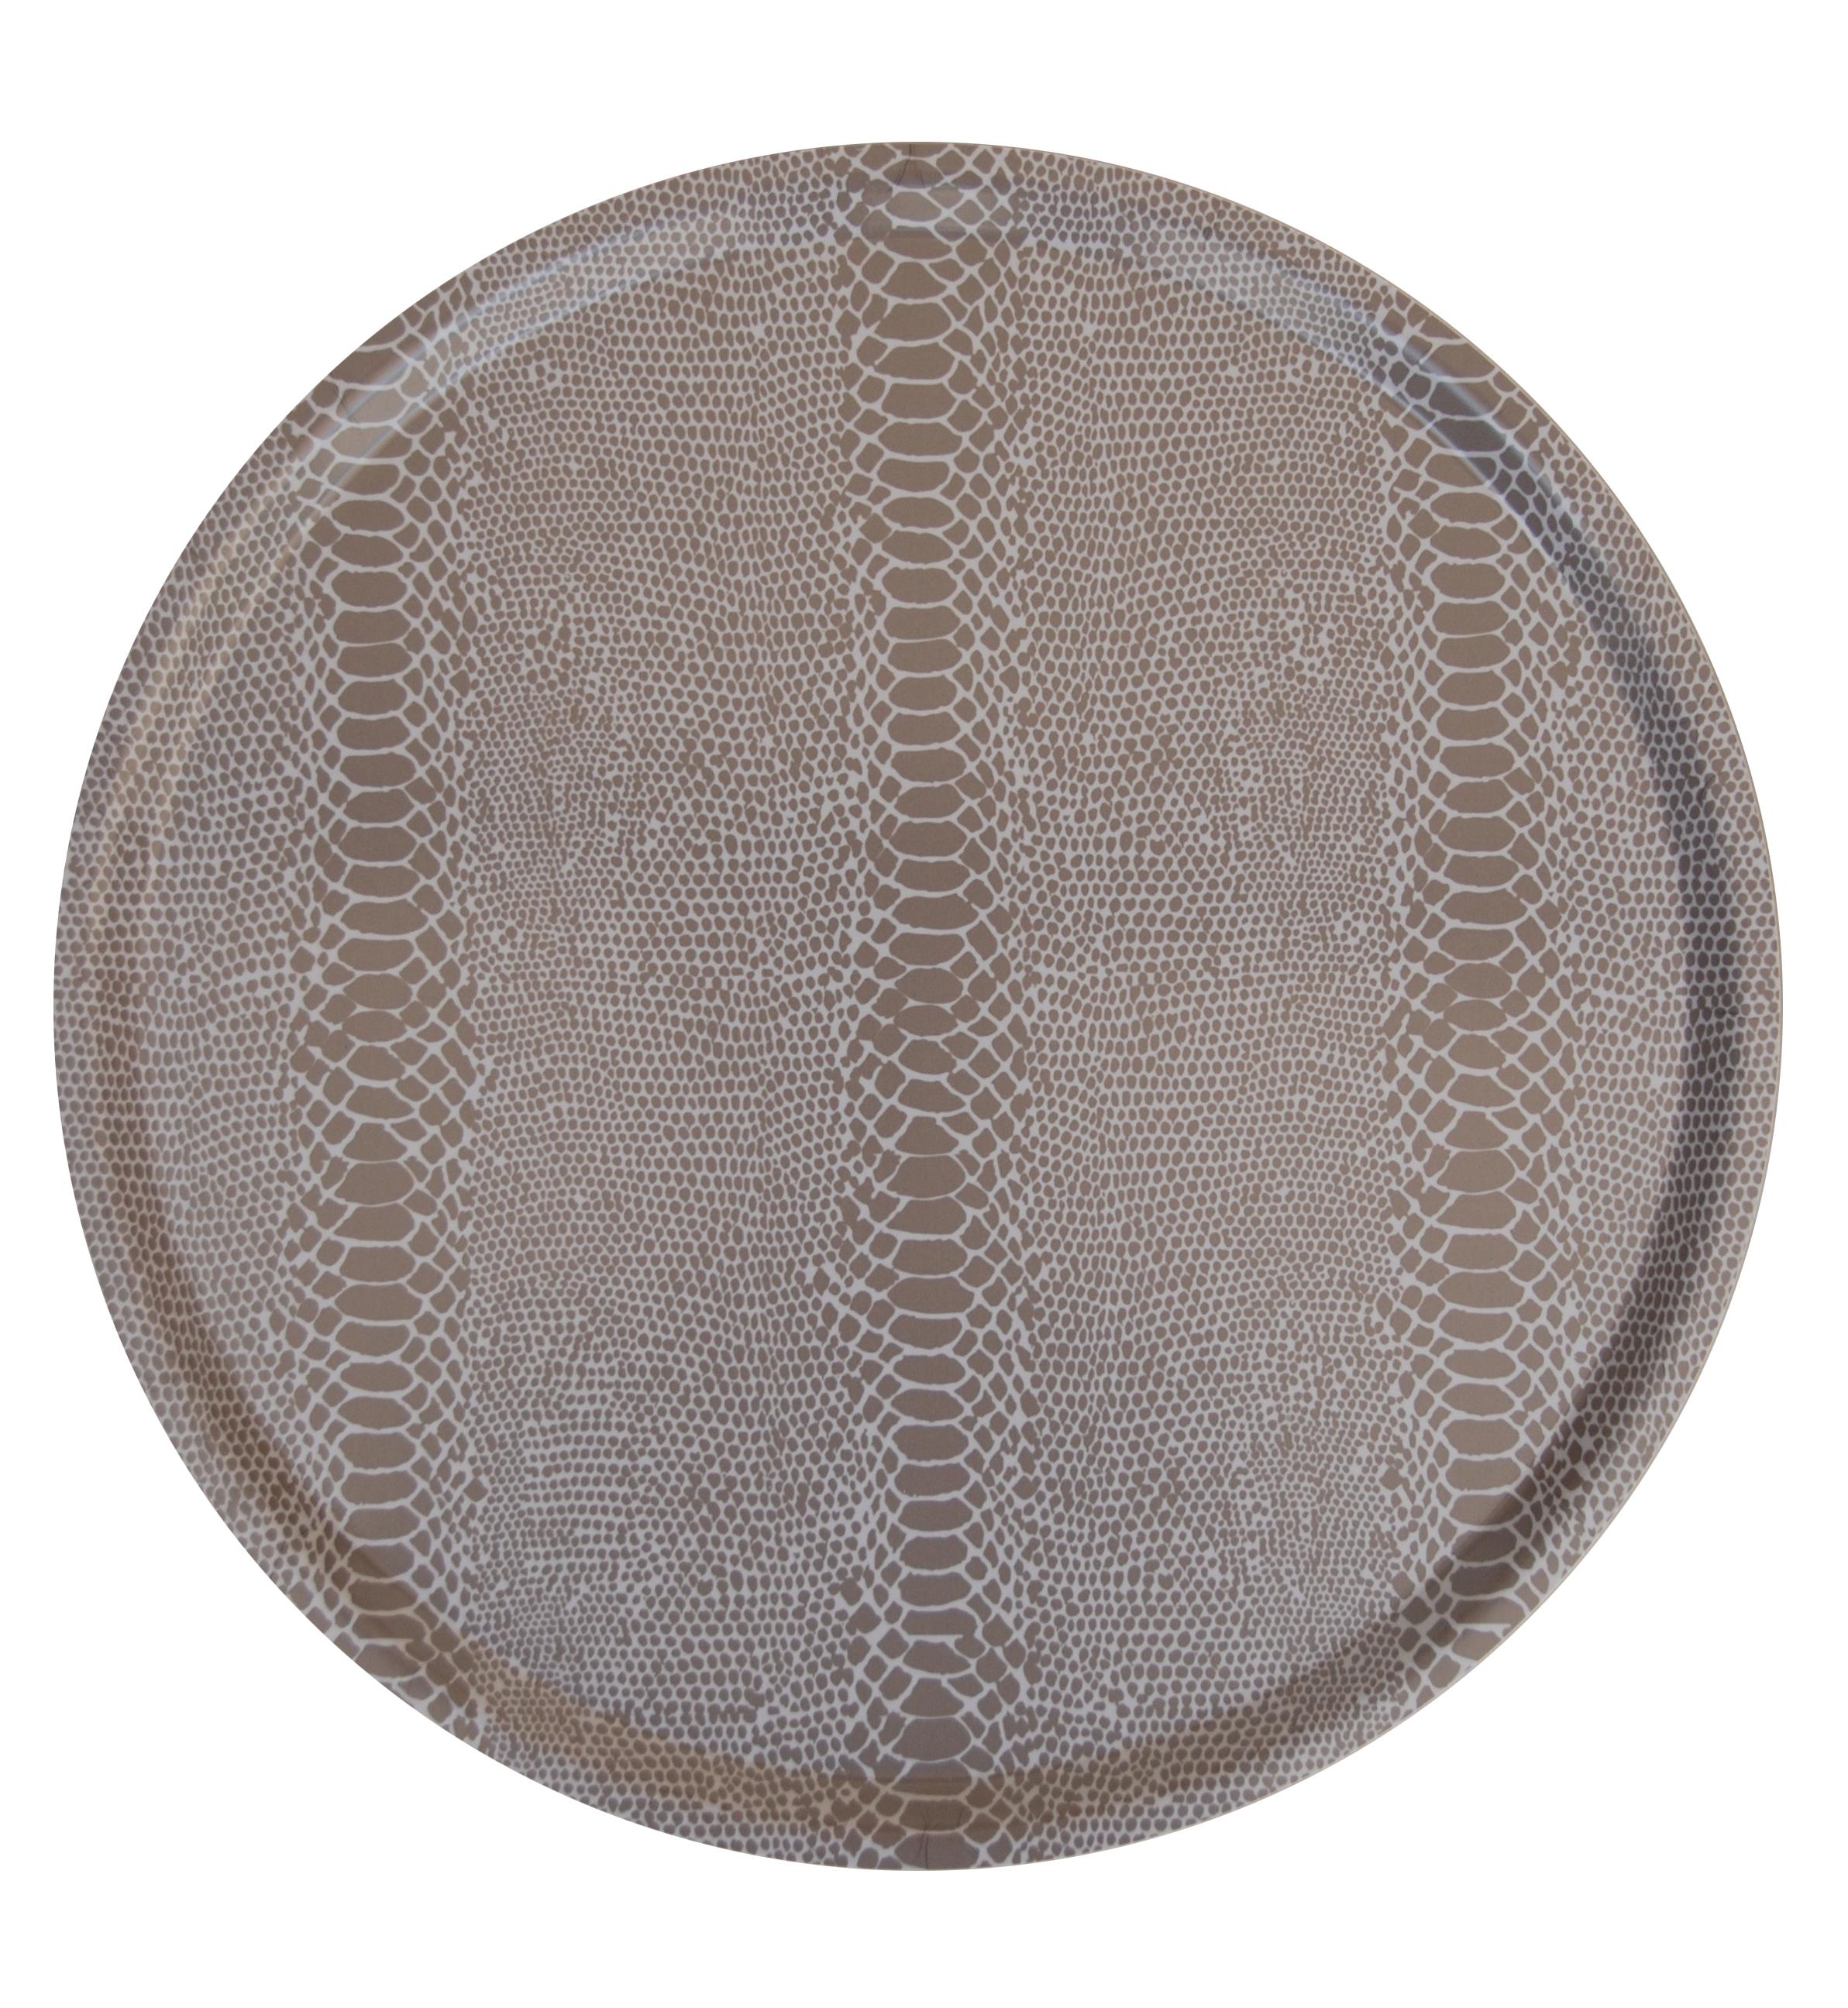 tray-sn-linen.jpg